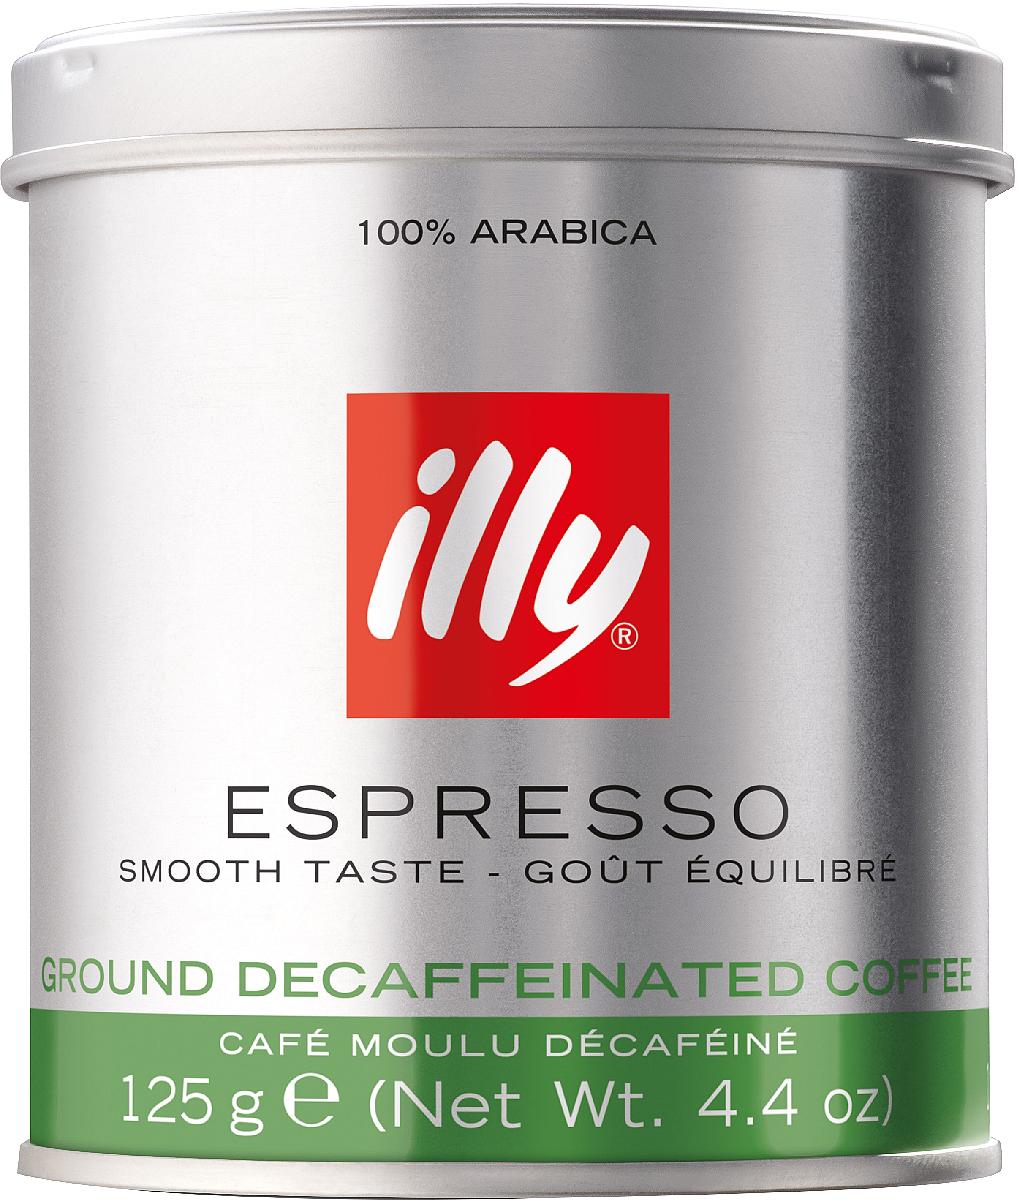 Illy Espresso Decaffeinato кофе молотый без кофеина, 125 г6866 (0475)Тот же узнаваемый вкус, что у средней обжарки, со всеми преимуществами кофе без кофеинаКофе: мифы и факты. Статья OZON Гид